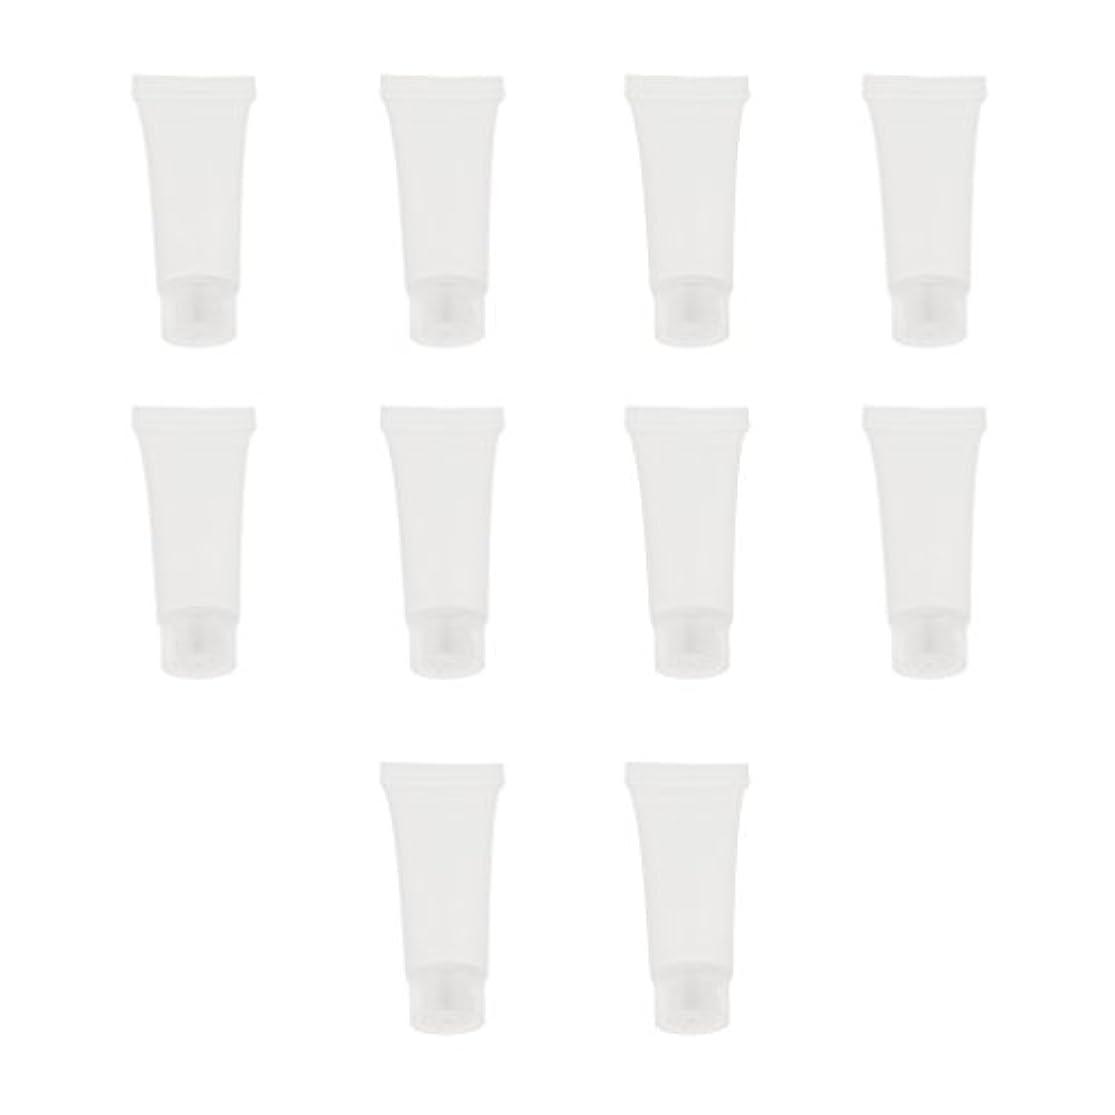 凍結として匿名10個 空チューブ クリームチューブ 透明 プラスチック製 コスメ 詰替え メイクアップ ローション コンテナ 収納ボトル 2サイズ選べる - 10g